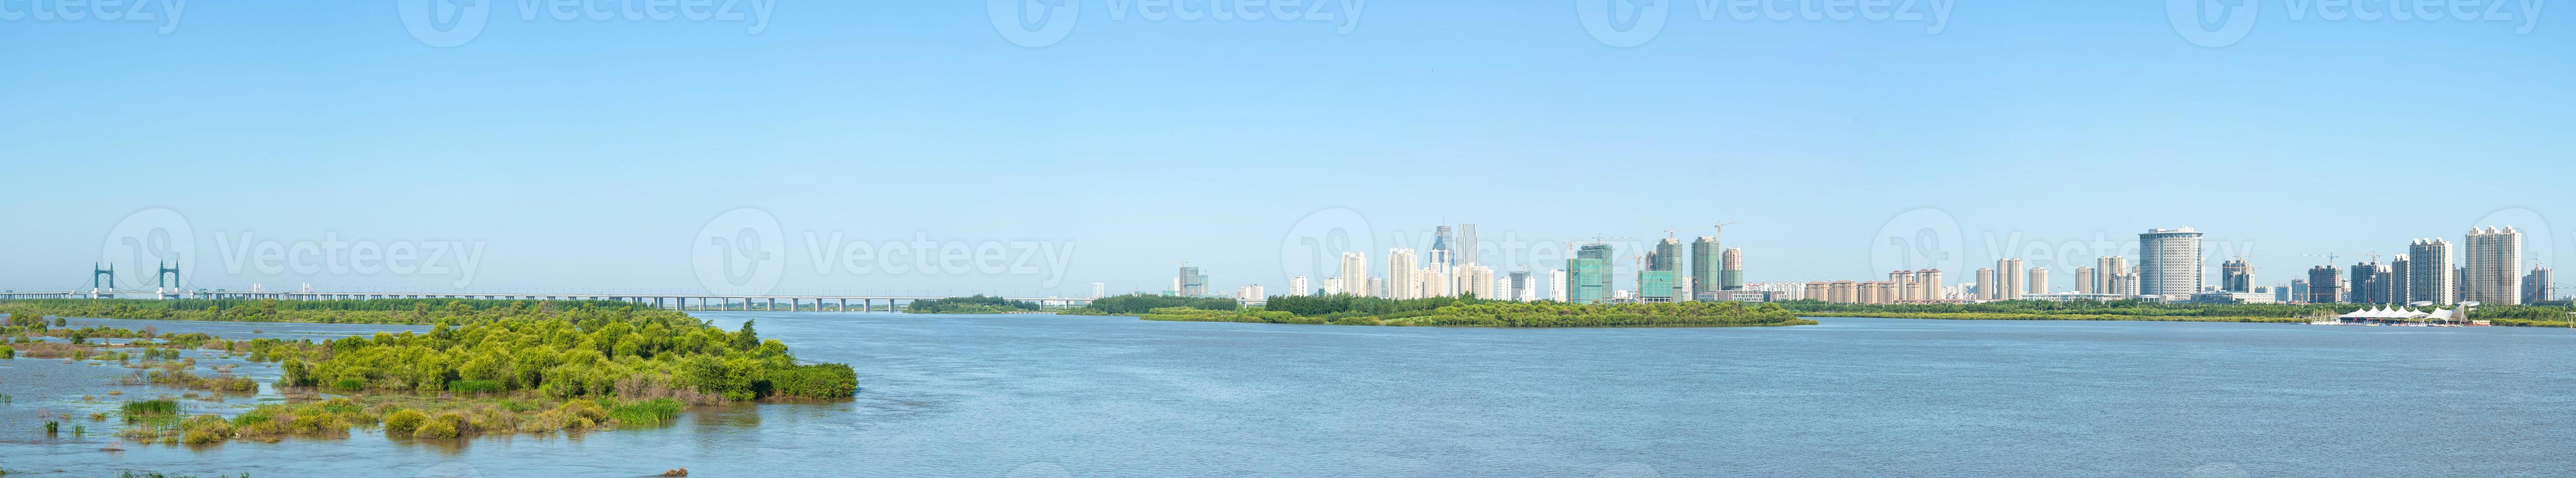 fiume Songhua e Harbin foto